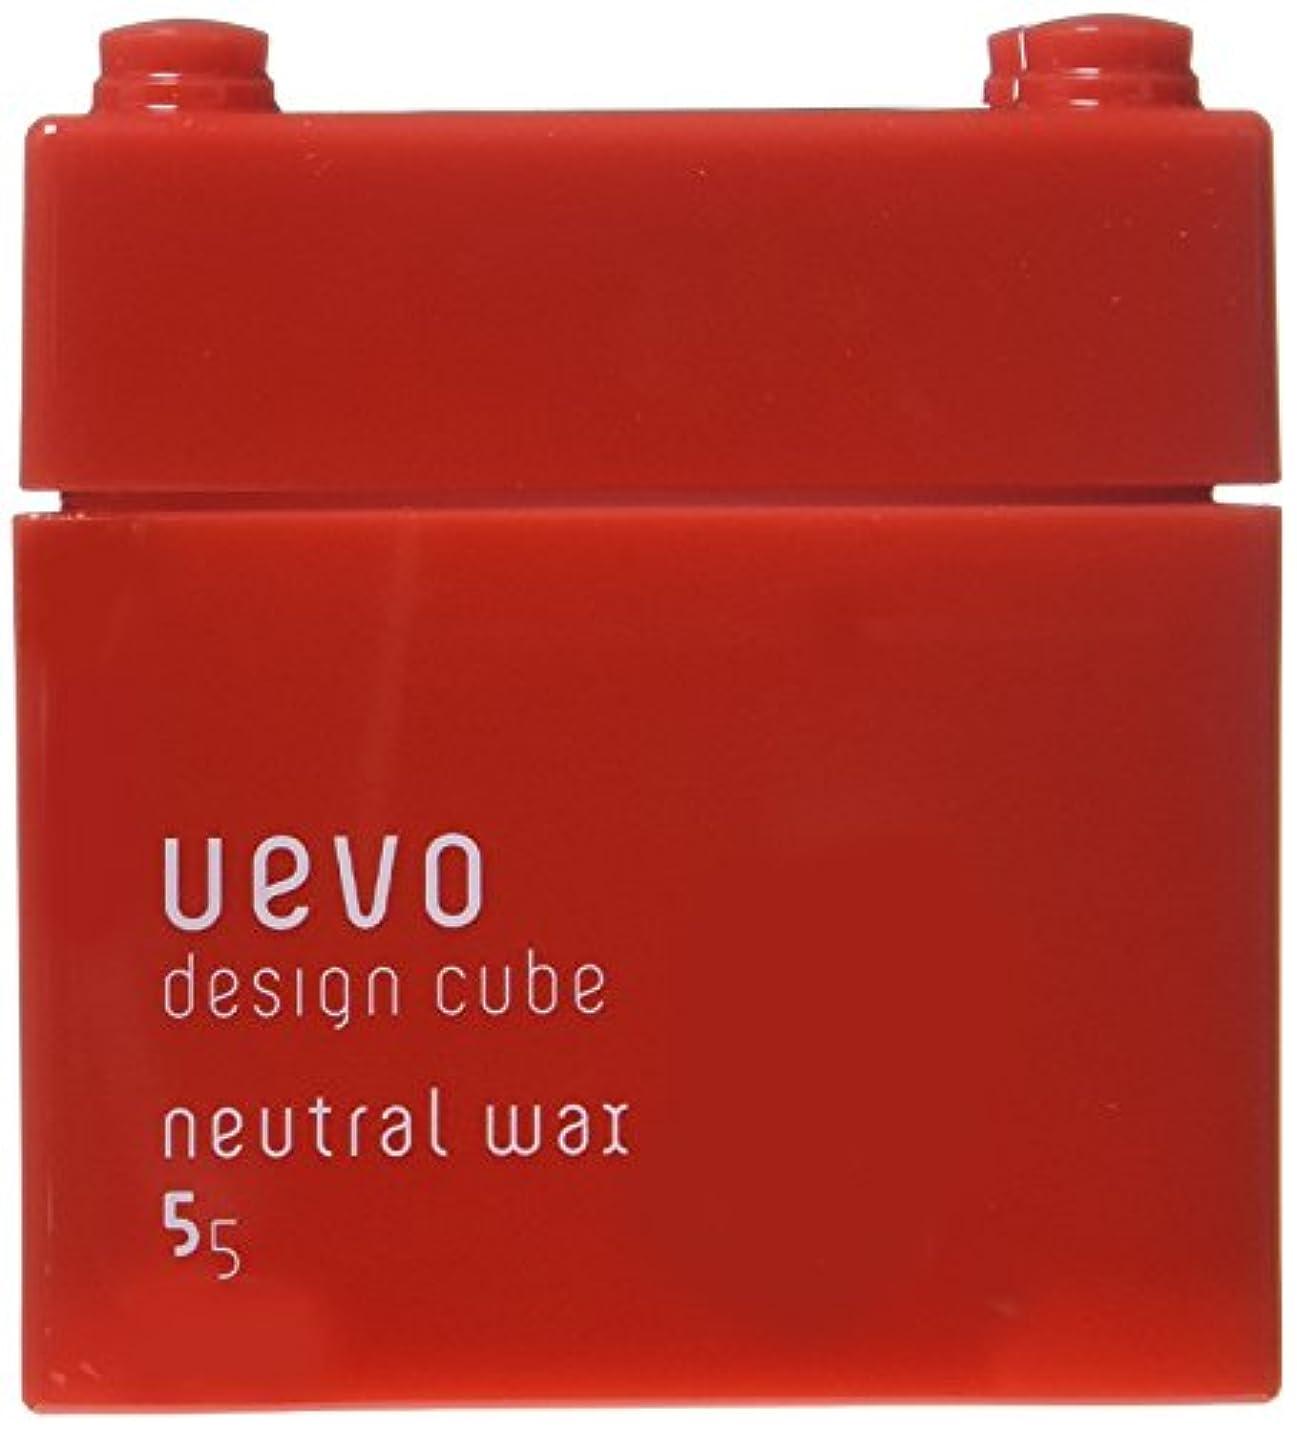 インテリア弾薬ウェブウェーボ デザインキューブ ニュートラルワックス 80g